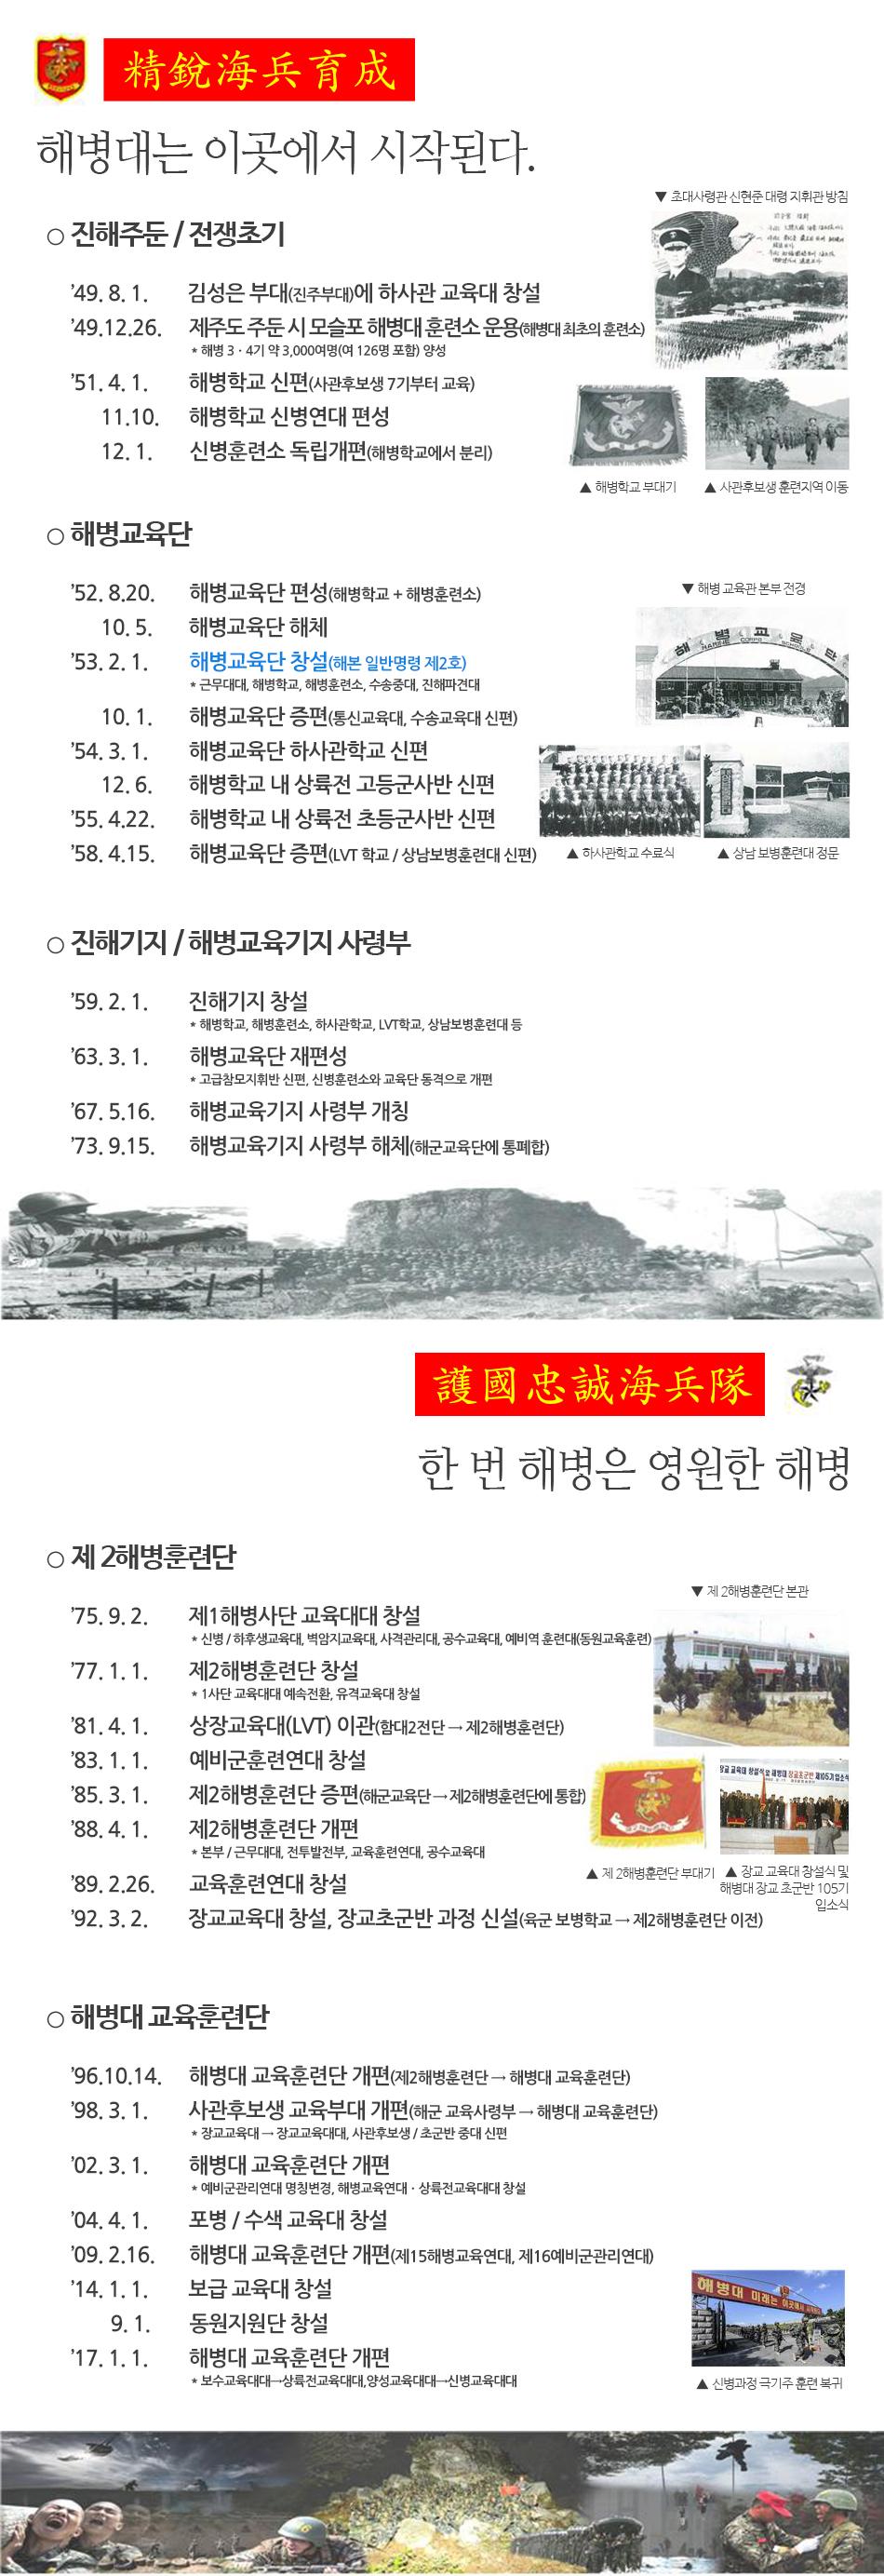 해병대교육훈련단 연혁.jpg